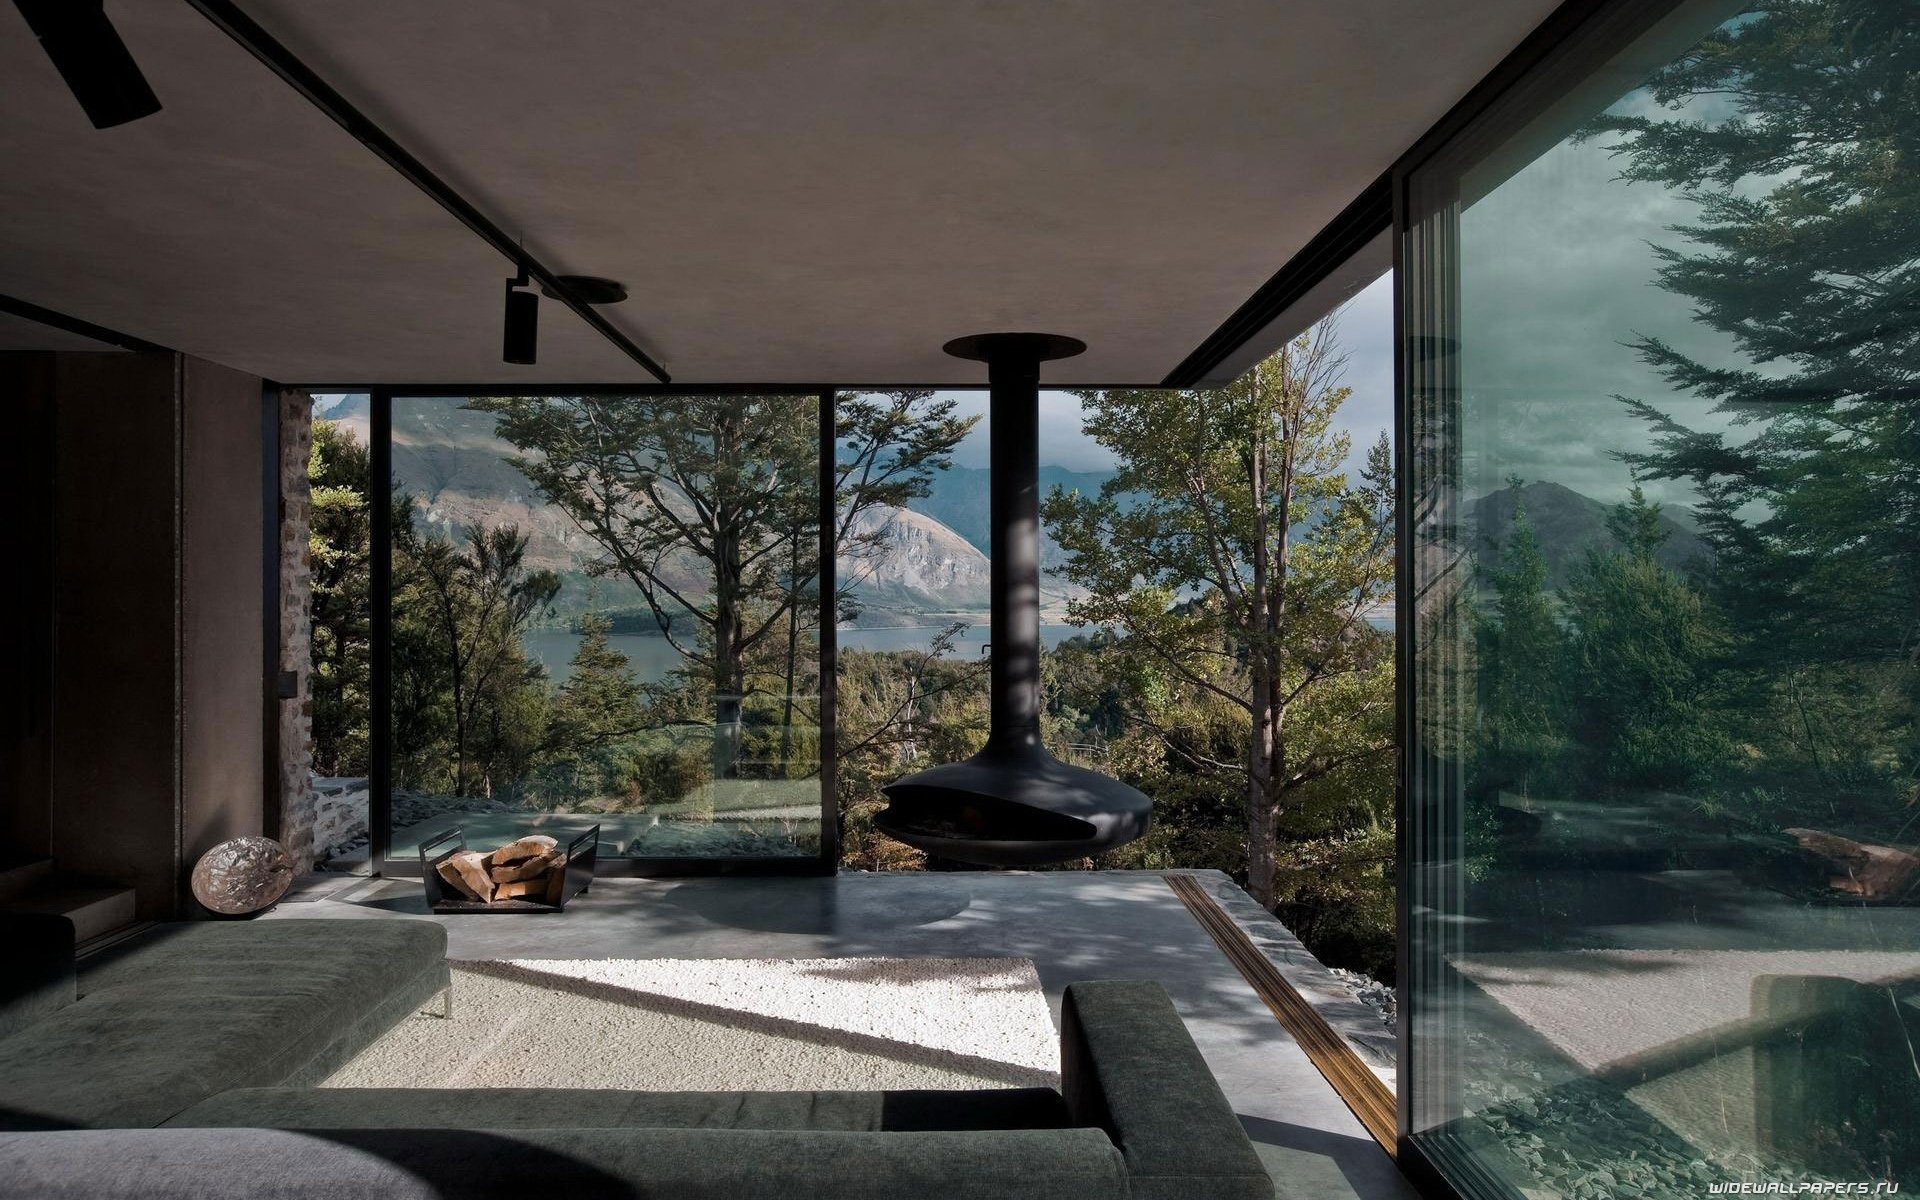 Интерьер с панорамными окнами: в гостиной, спальне, ванной +75 фото